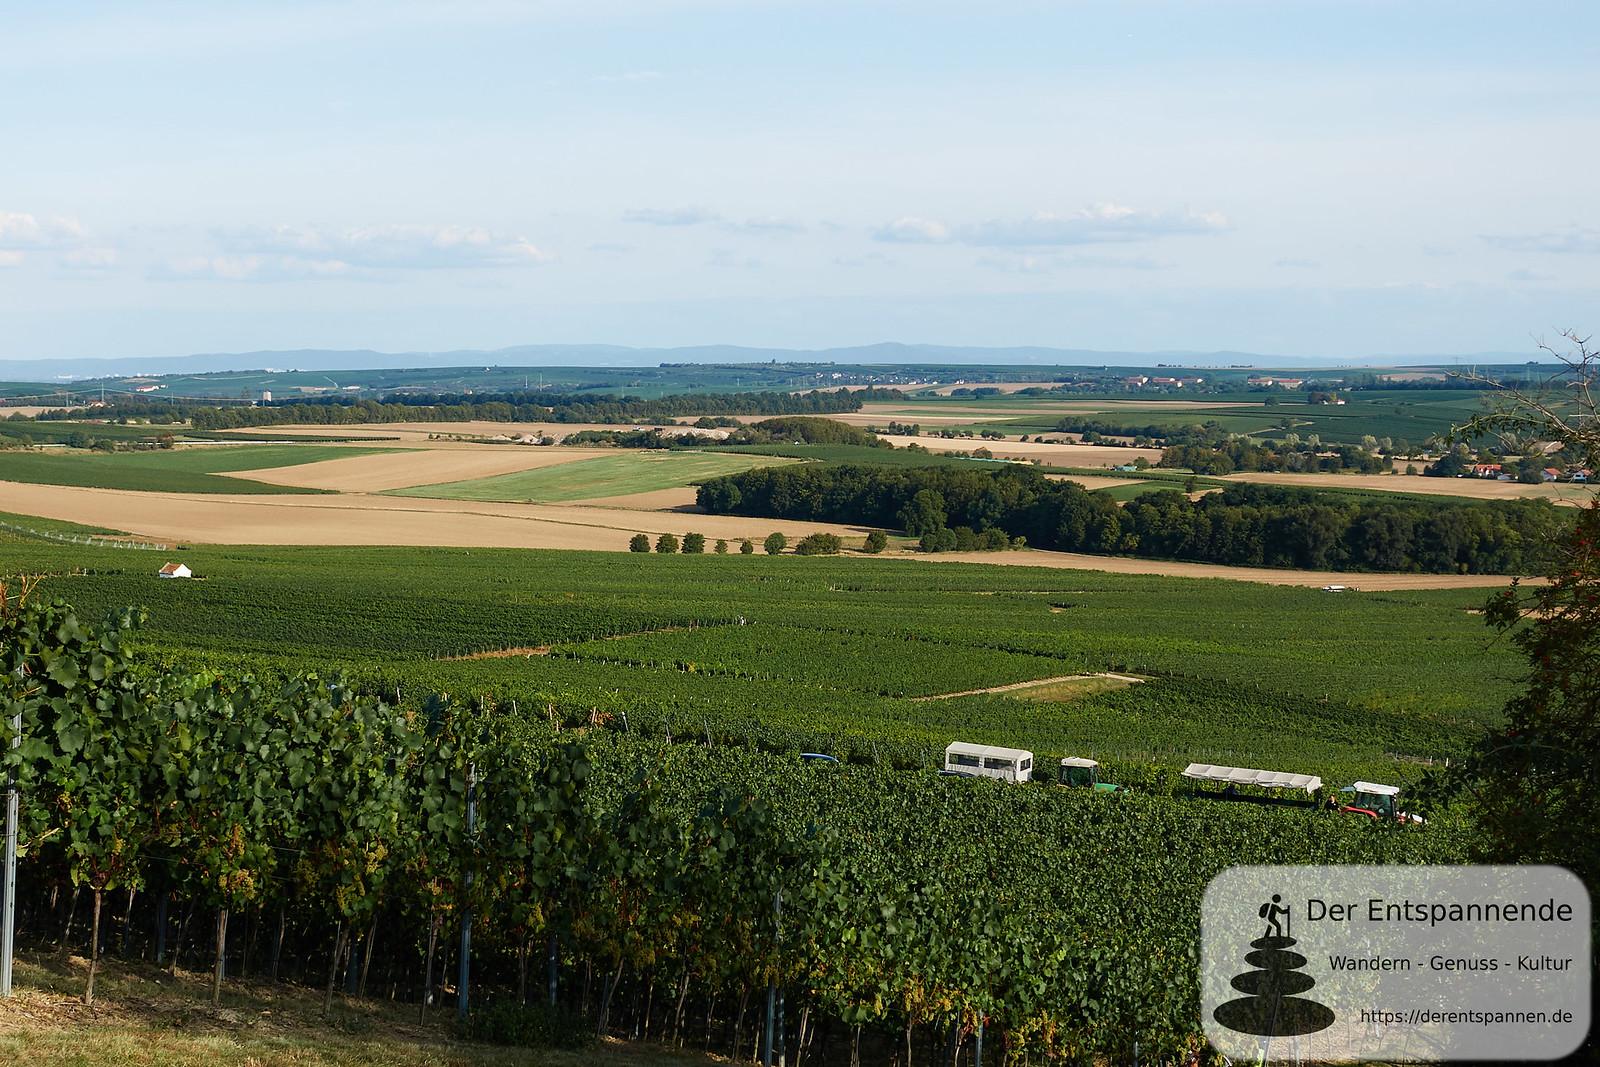 Blick auf Weinberge und Selztal bis zum Odenwald